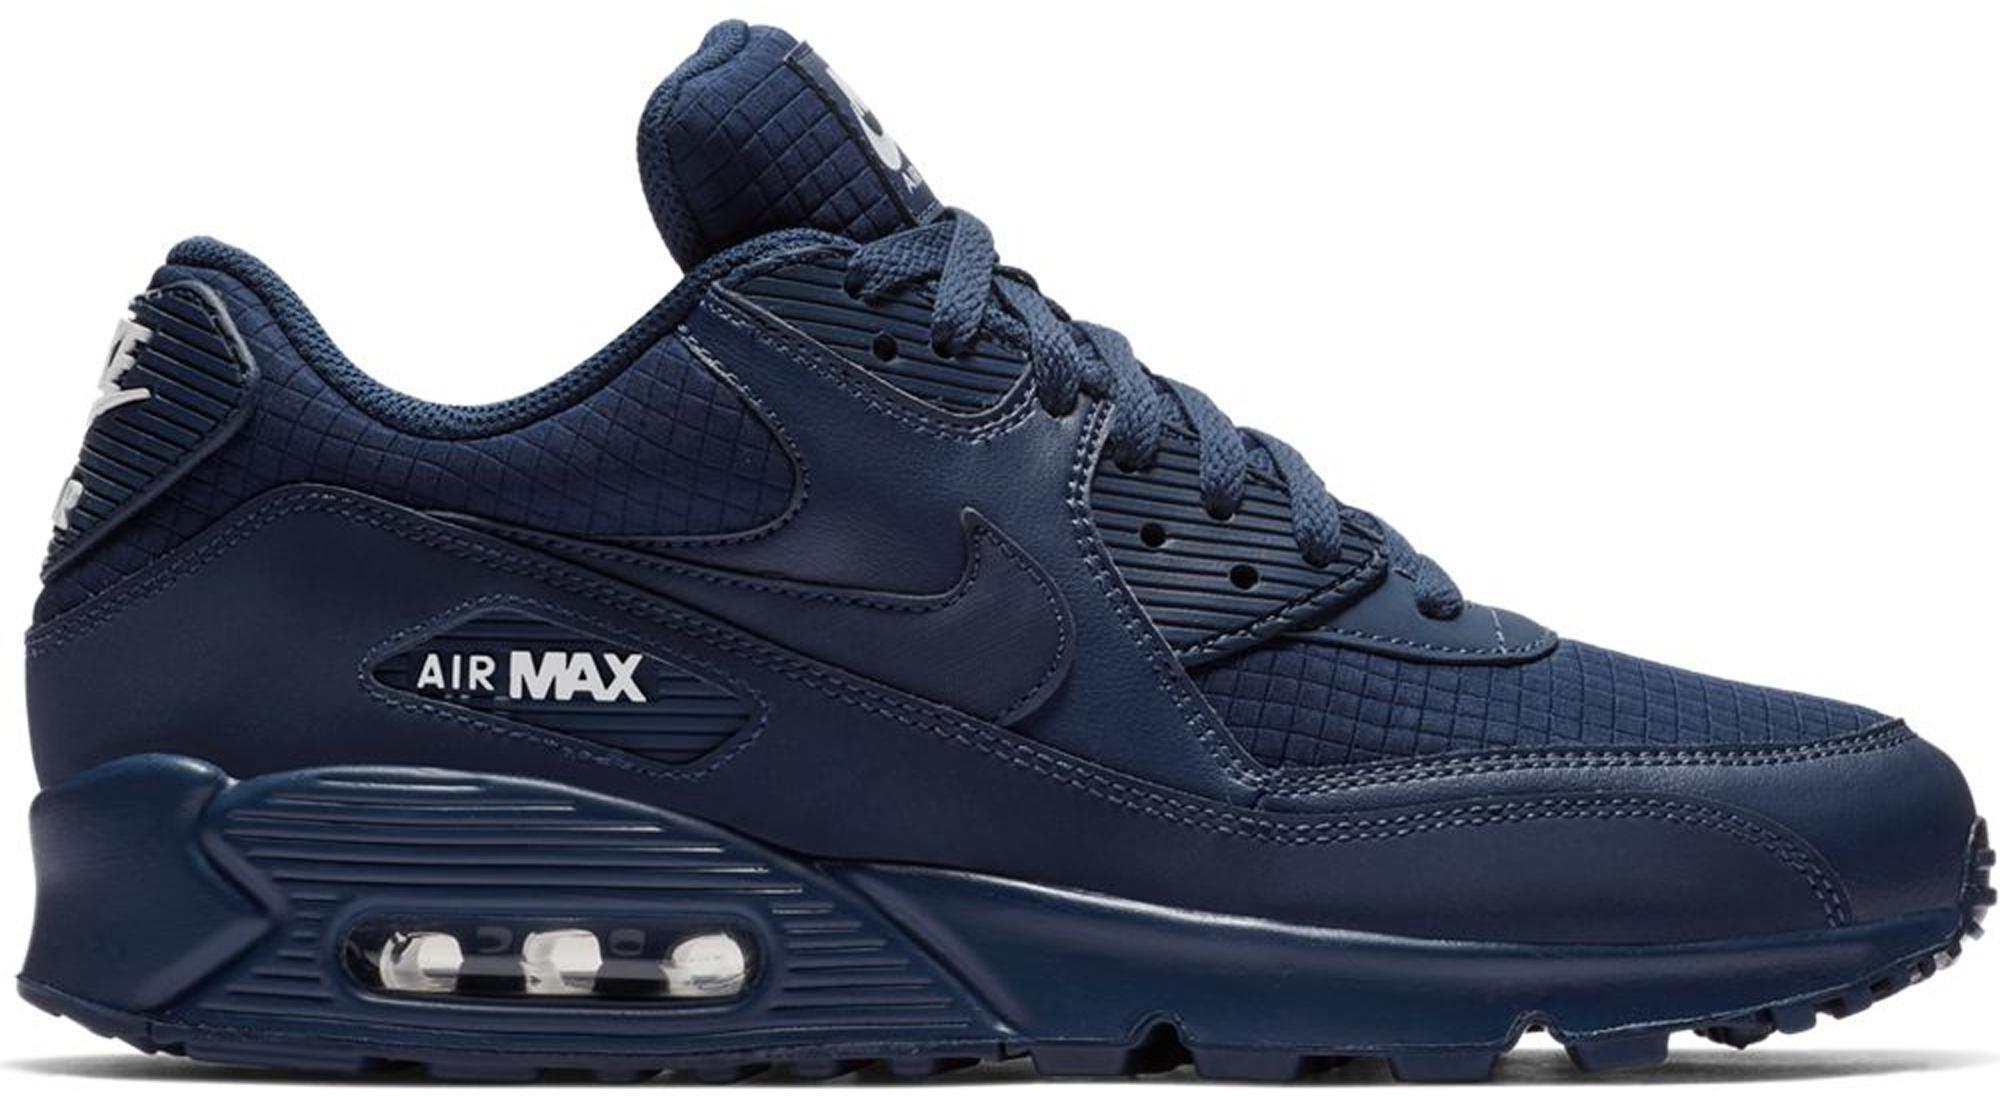 Air Max 90 Midnight Navy